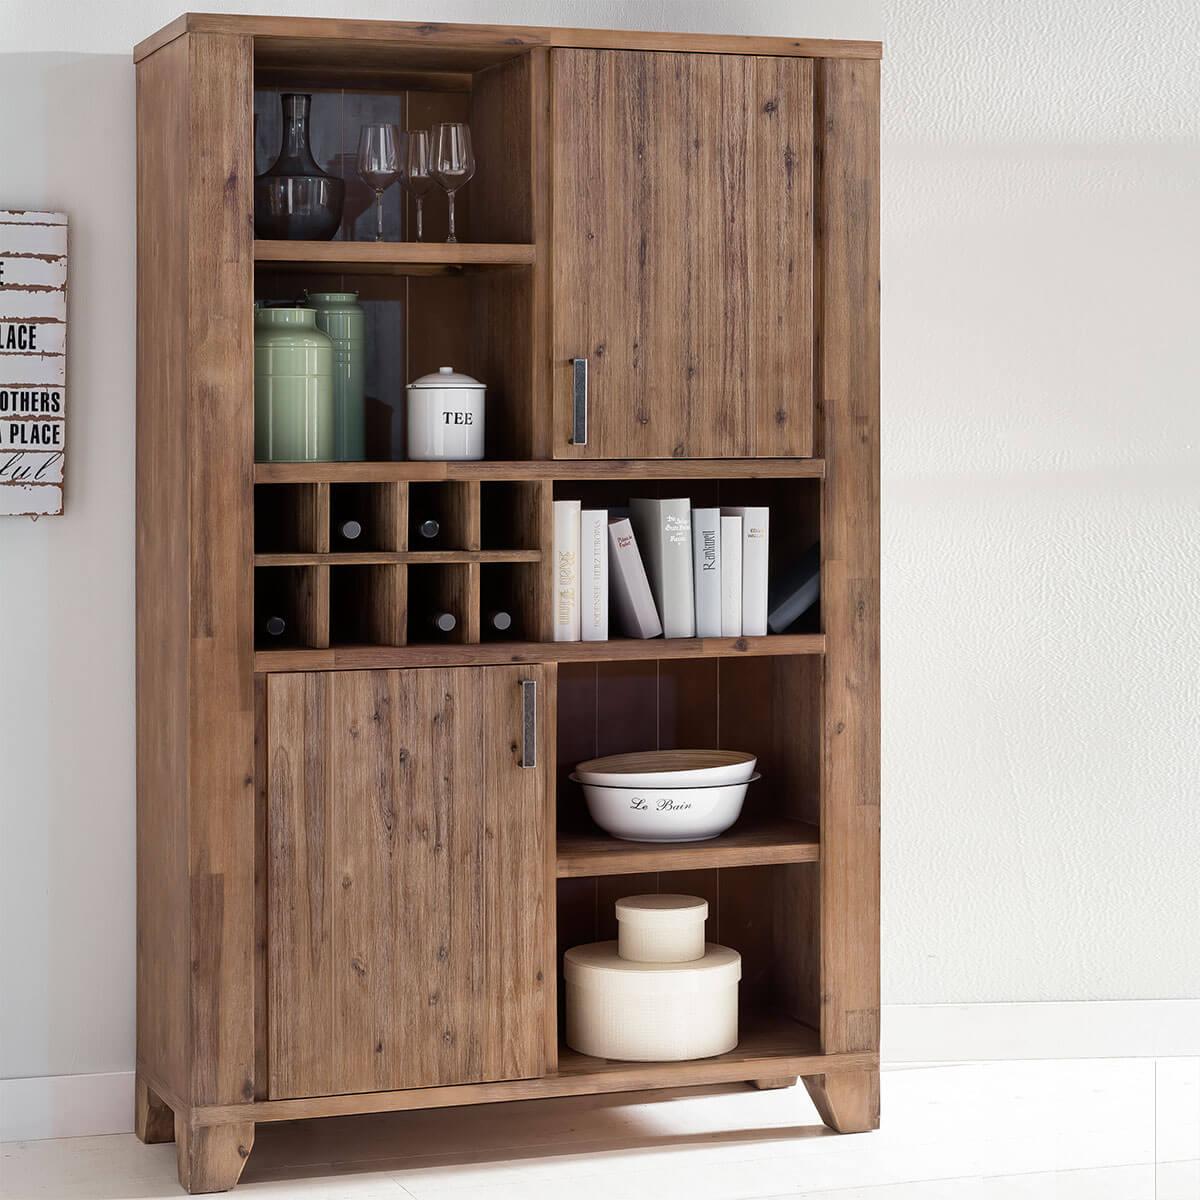 highboard avora 115cm breit in braun akazie massiv. Black Bedroom Furniture Sets. Home Design Ideas